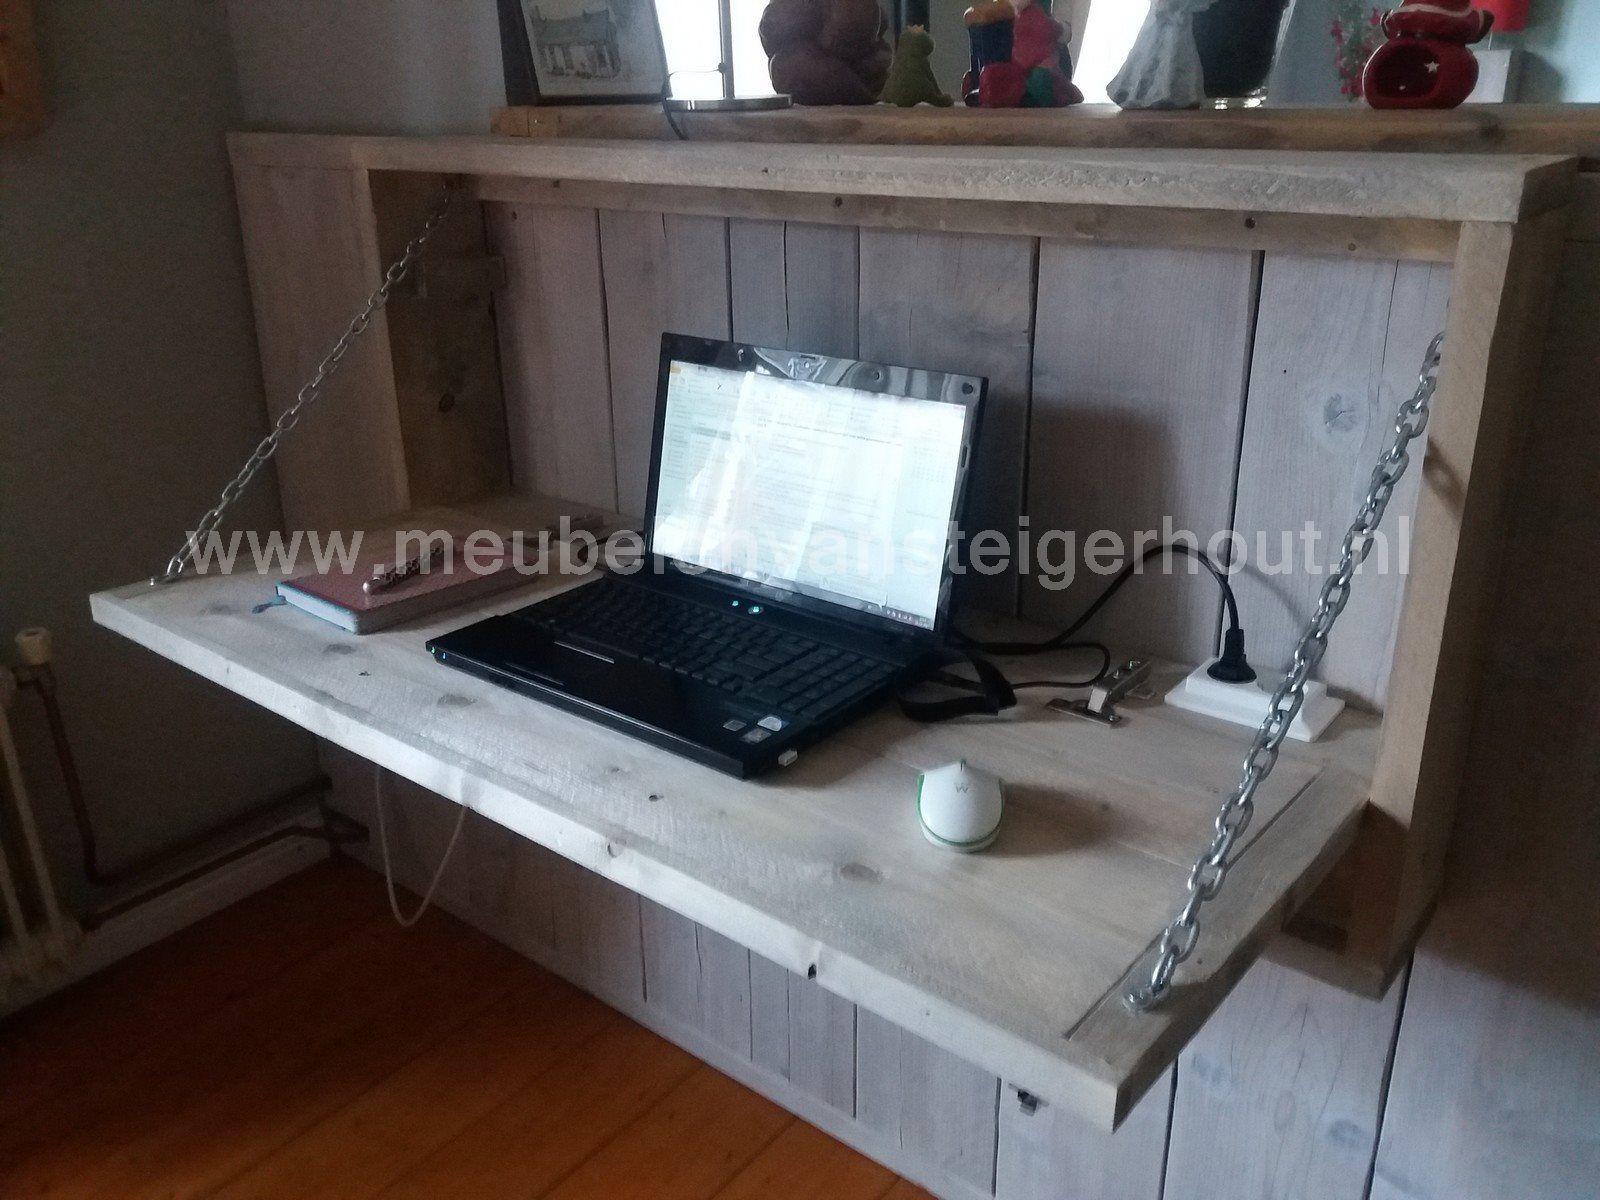 Spiksplinternieuw Hangbureau van steigerhout met klep. Een handig bureau dat je aan RD-81